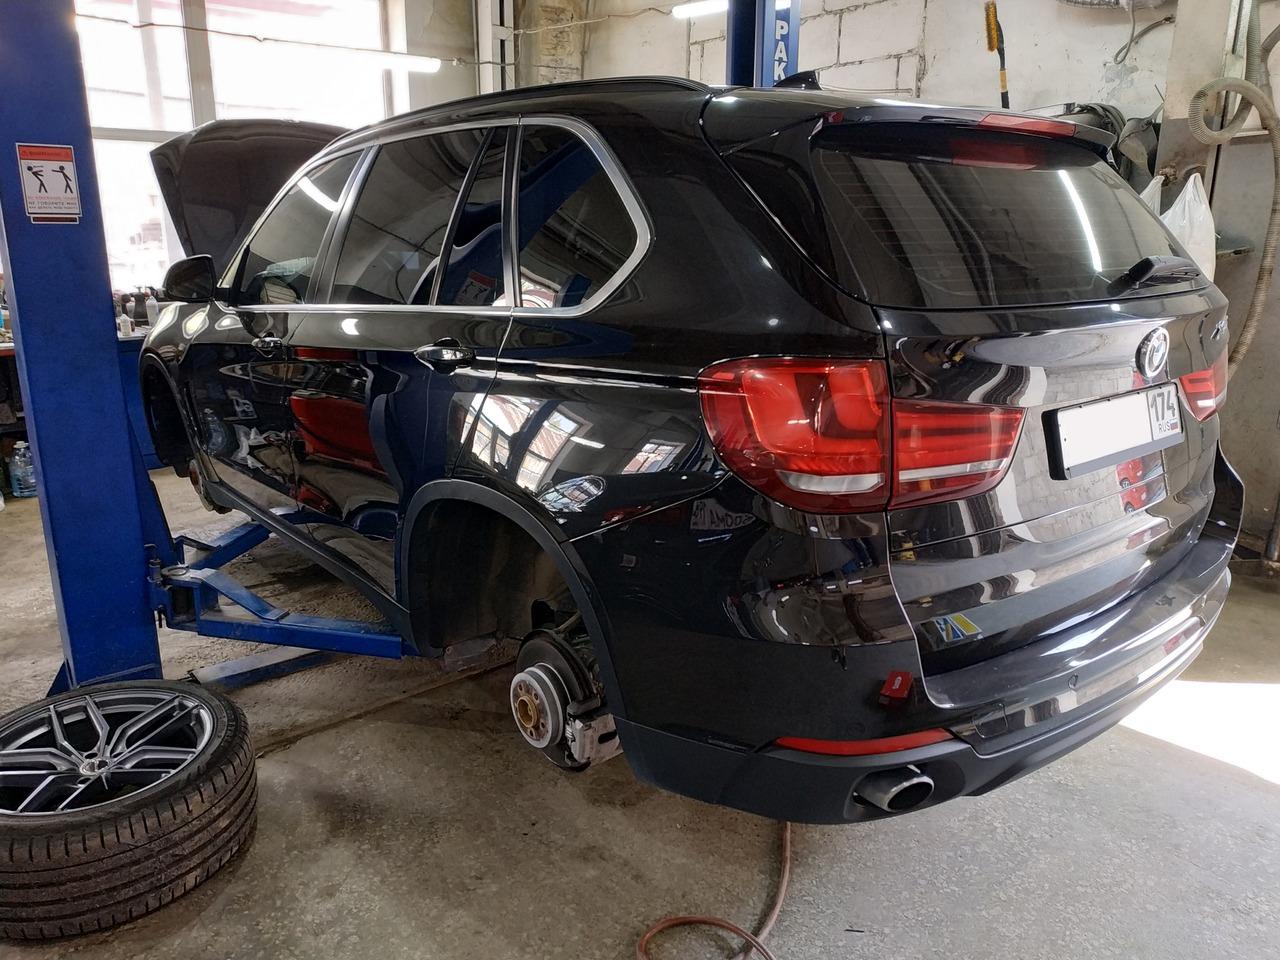 BMW X5 F15 25d, установка комплекта подвески